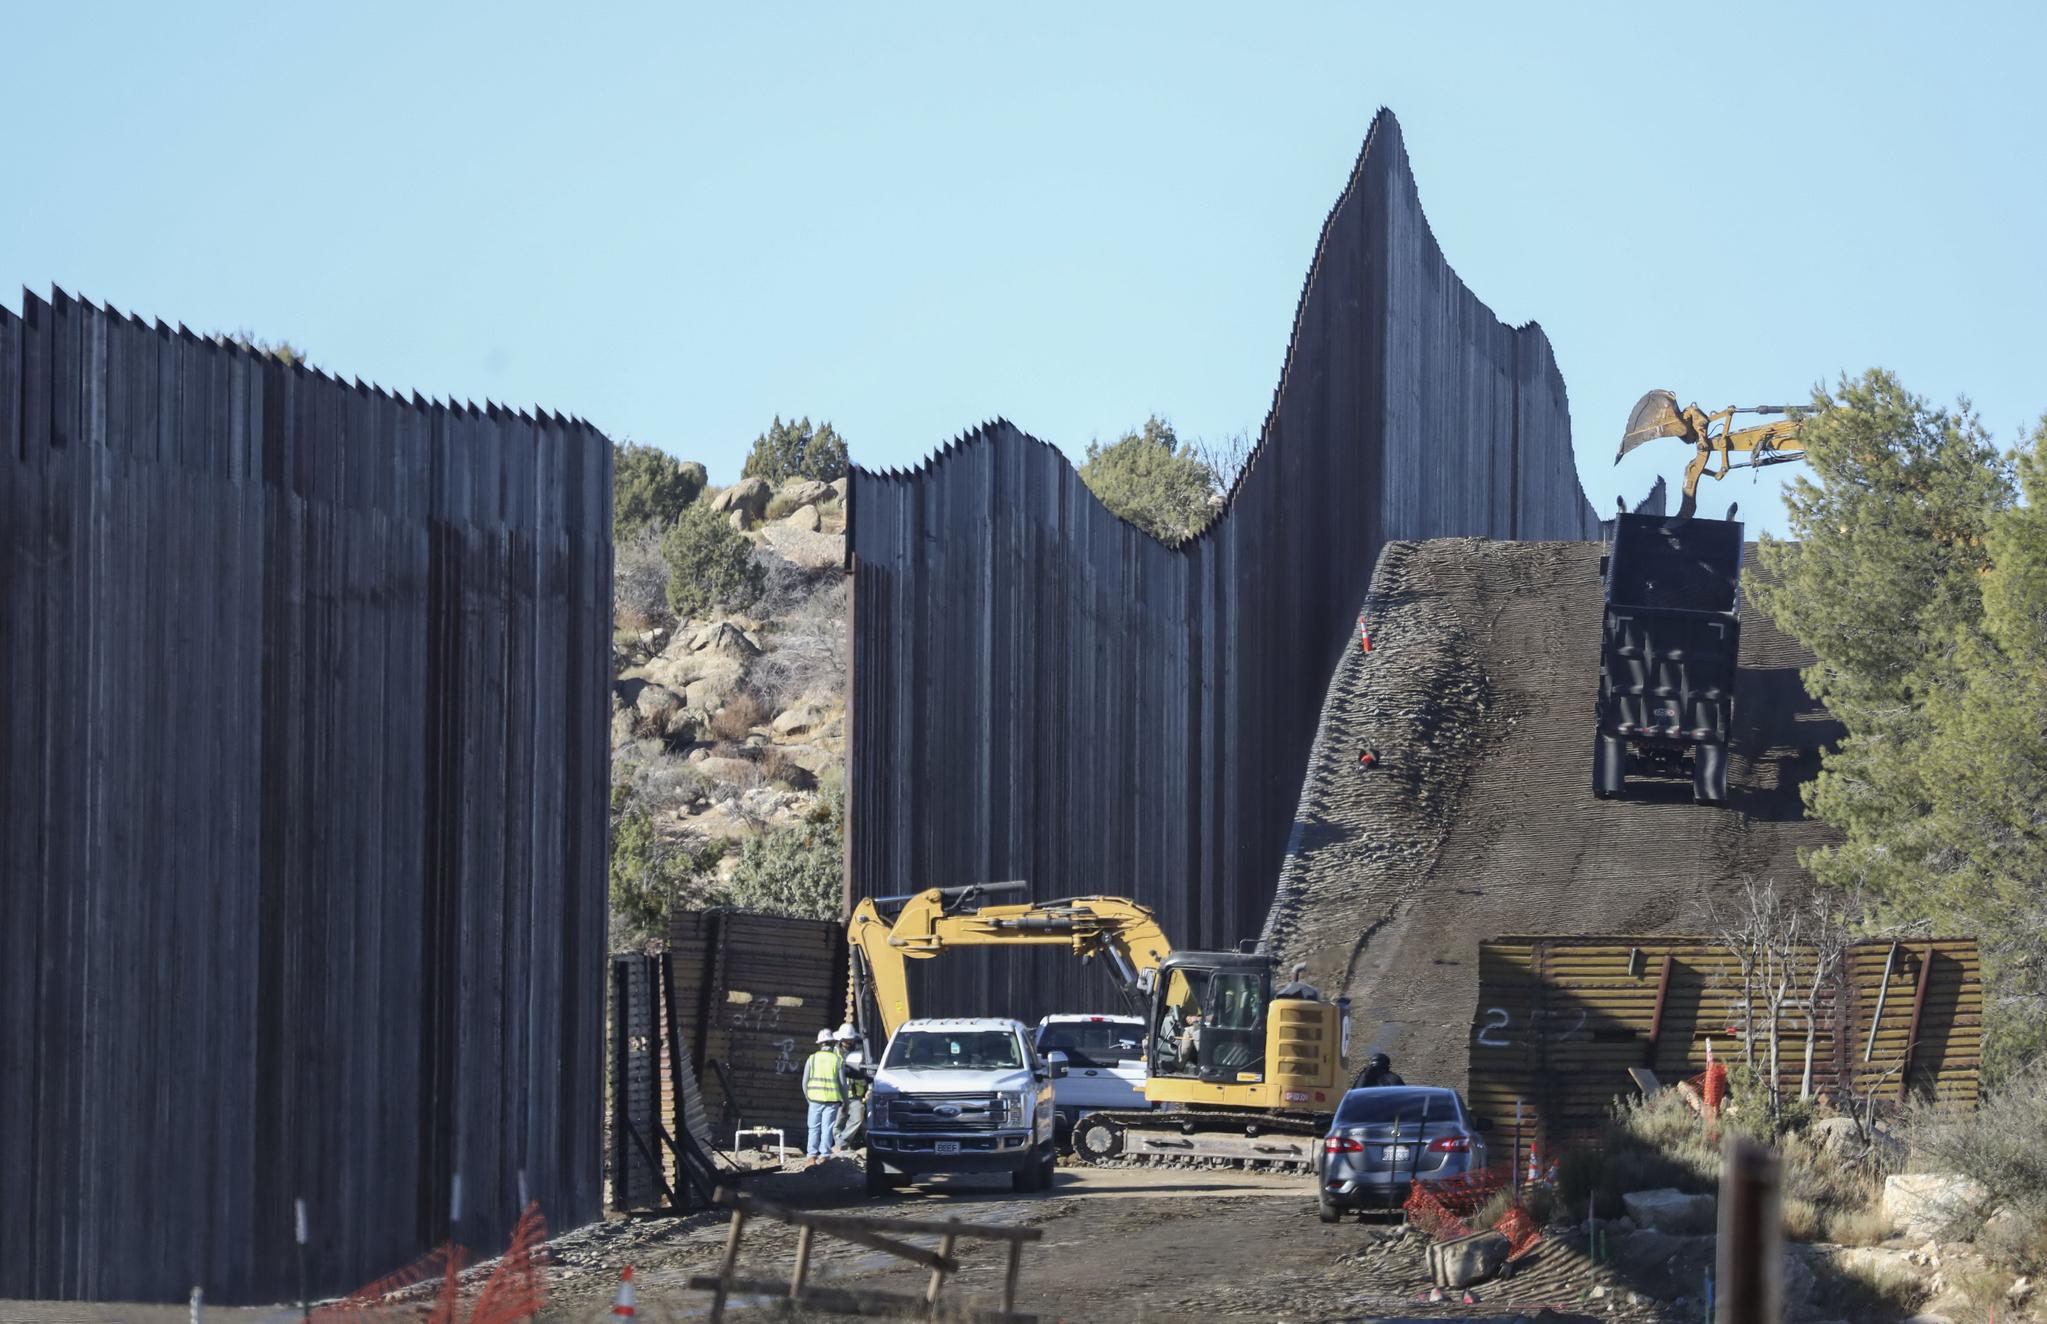 미국 캘리포니아주 자쿰바에서 12월 1일(현지시간) 건설중인 멕시코 국경 장벽. 조 바이든 대통령 당선인 측은 국경장벽 건설을 중단하기를 원하지만 대통령직을 몇 주 남겨 놓은 트럼프 대통령은 임기 중 최대한 건설 공사를 진척시키기 위해 박차를 가하고 있다. AFP=연합뉴스